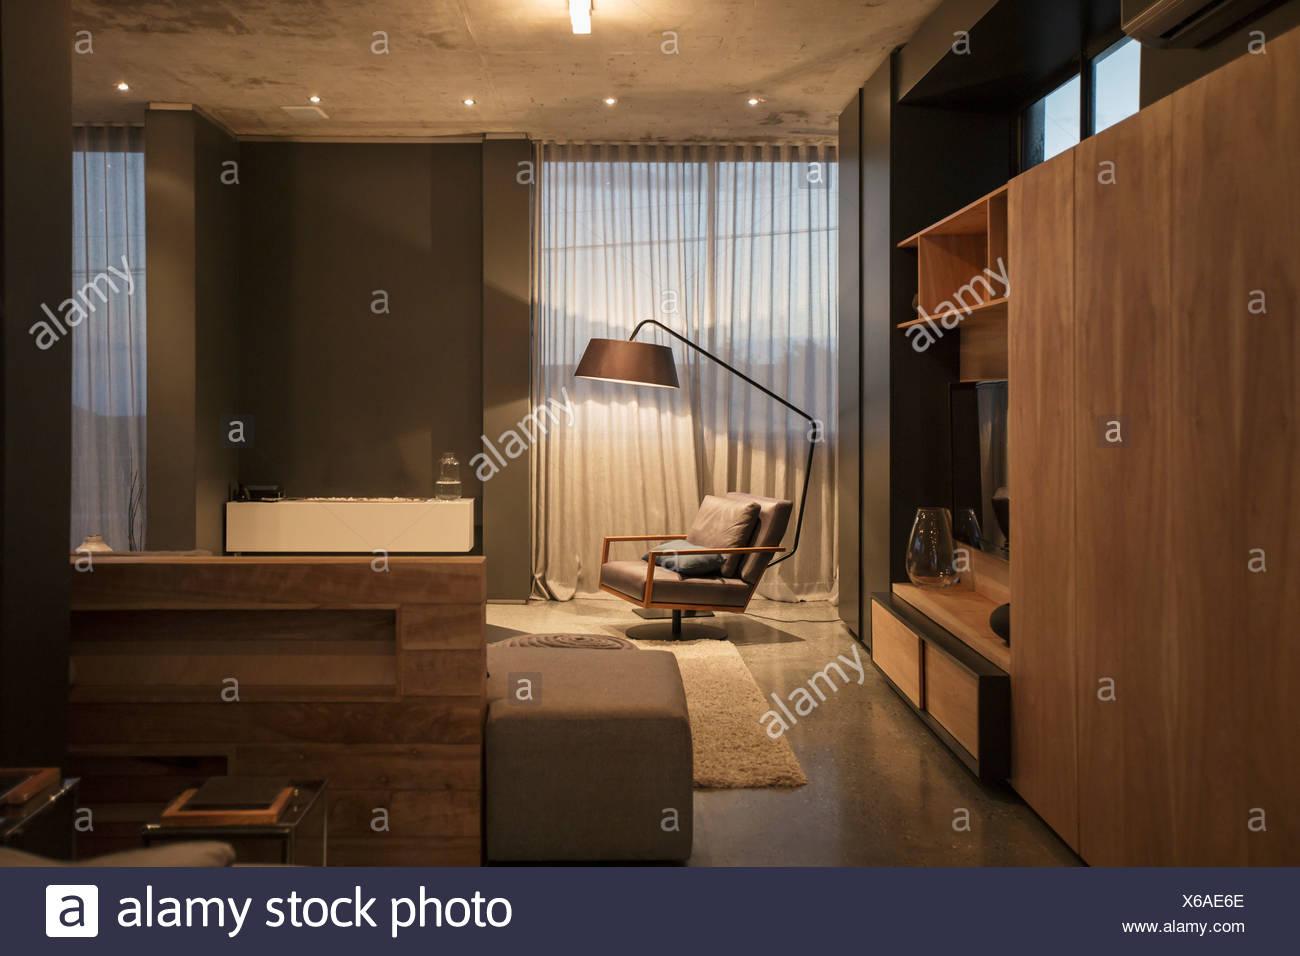 Poltrona e lampada da terra in angolo di soggiorno moderno Foto ...